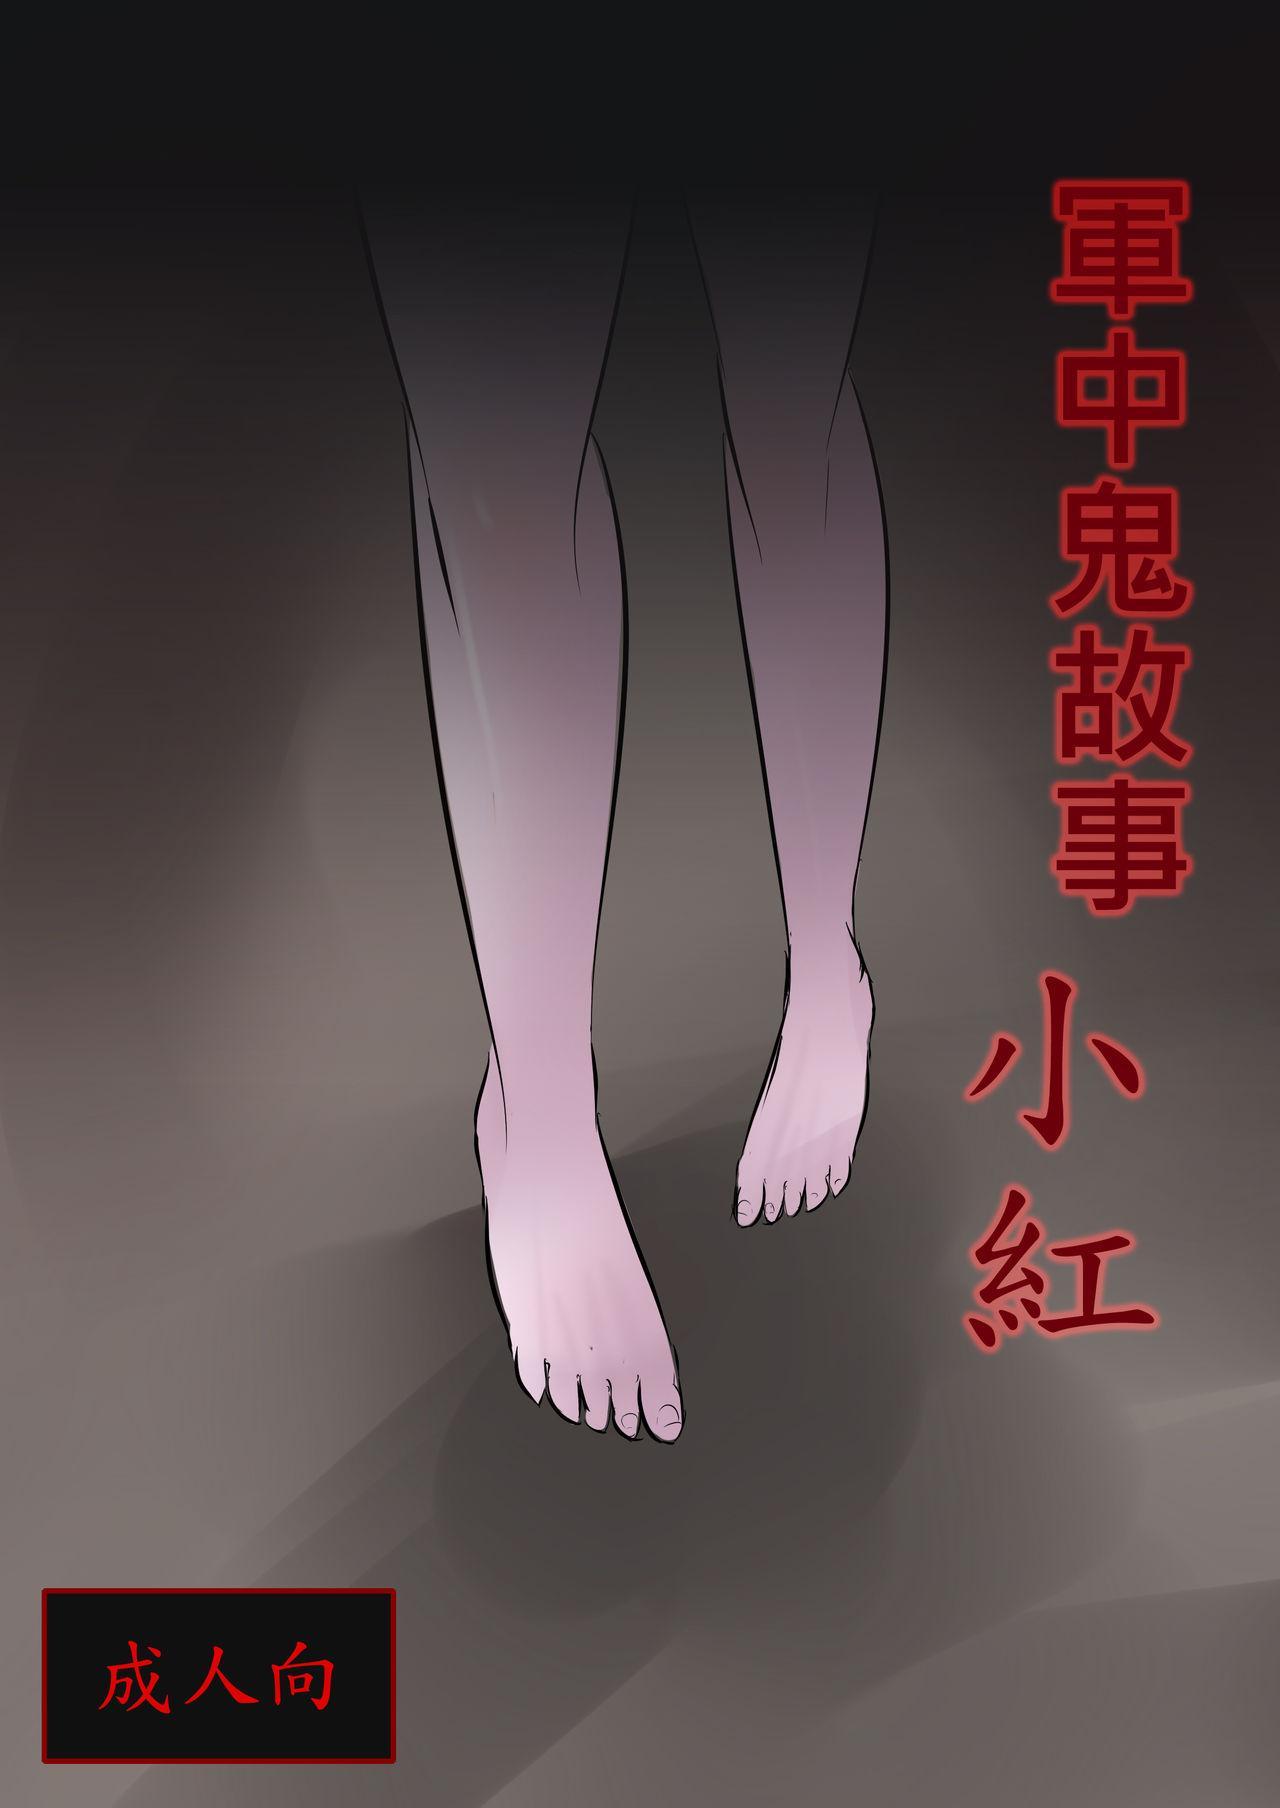 Jun Zhong Gui Gu Shi - Xiao Hong 0